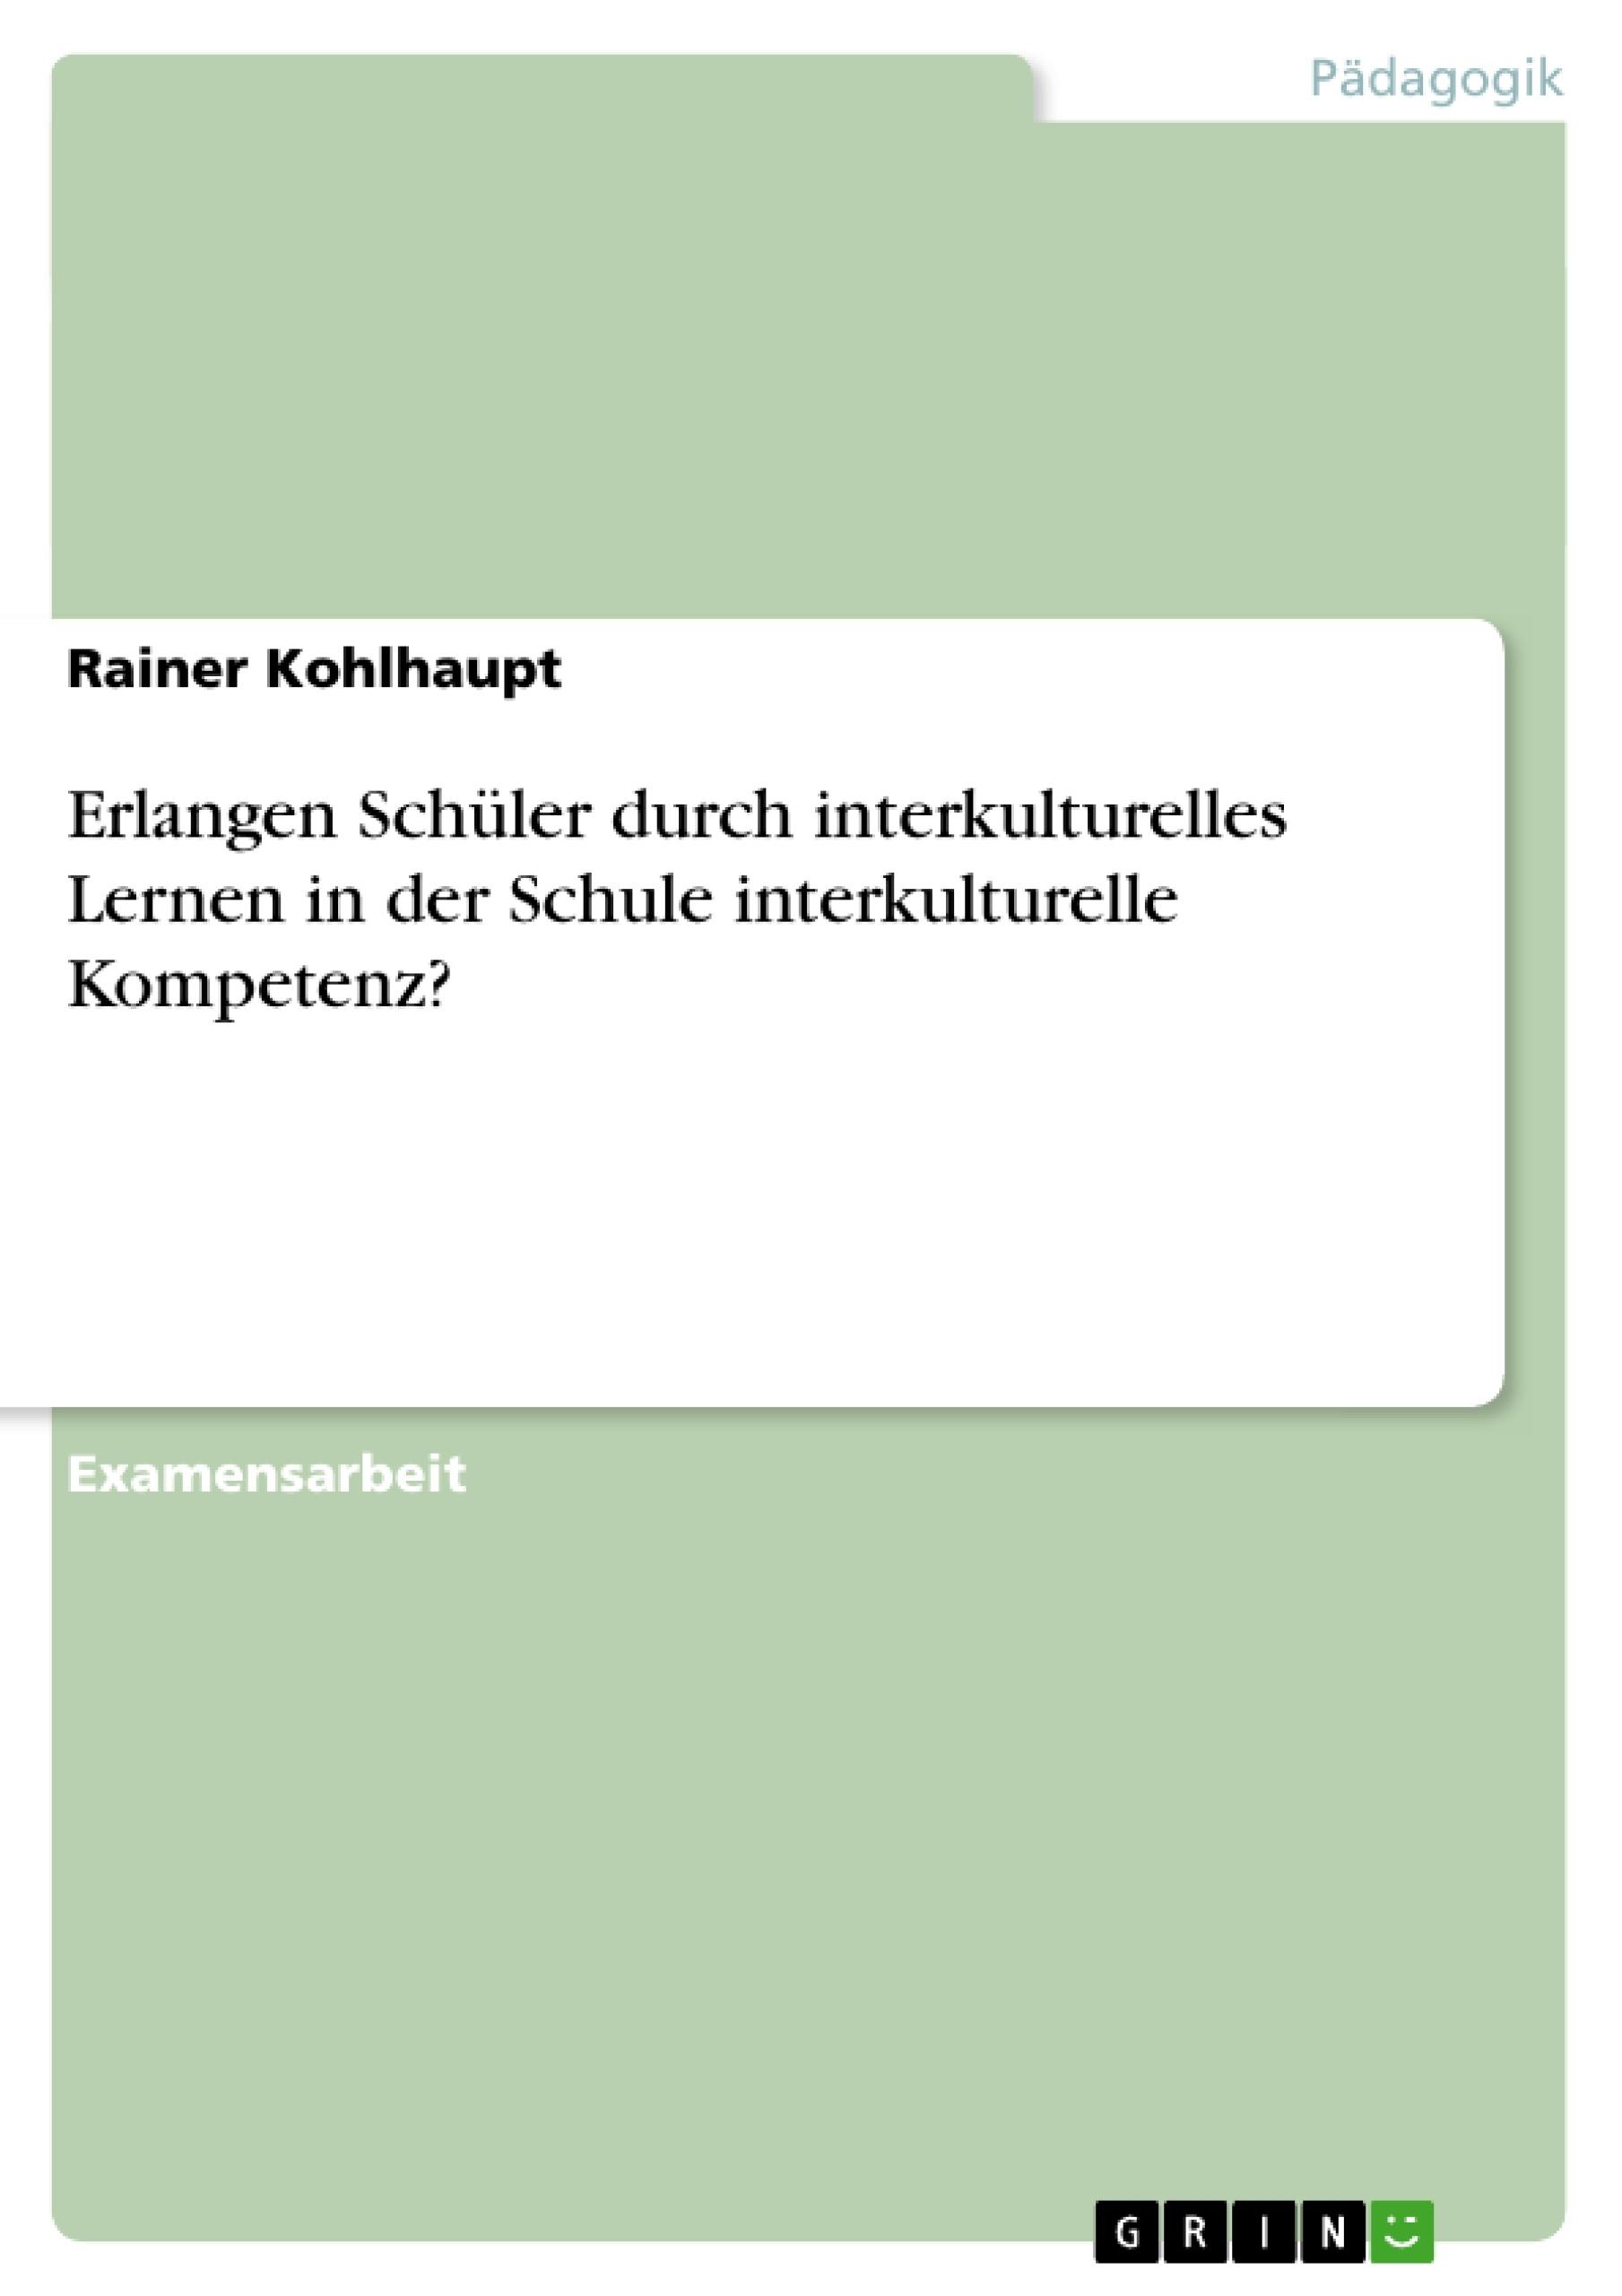 Titel: Erlangen Schüler durch interkulturelles Lernen in der Schule interkulturelle Kompetenz?